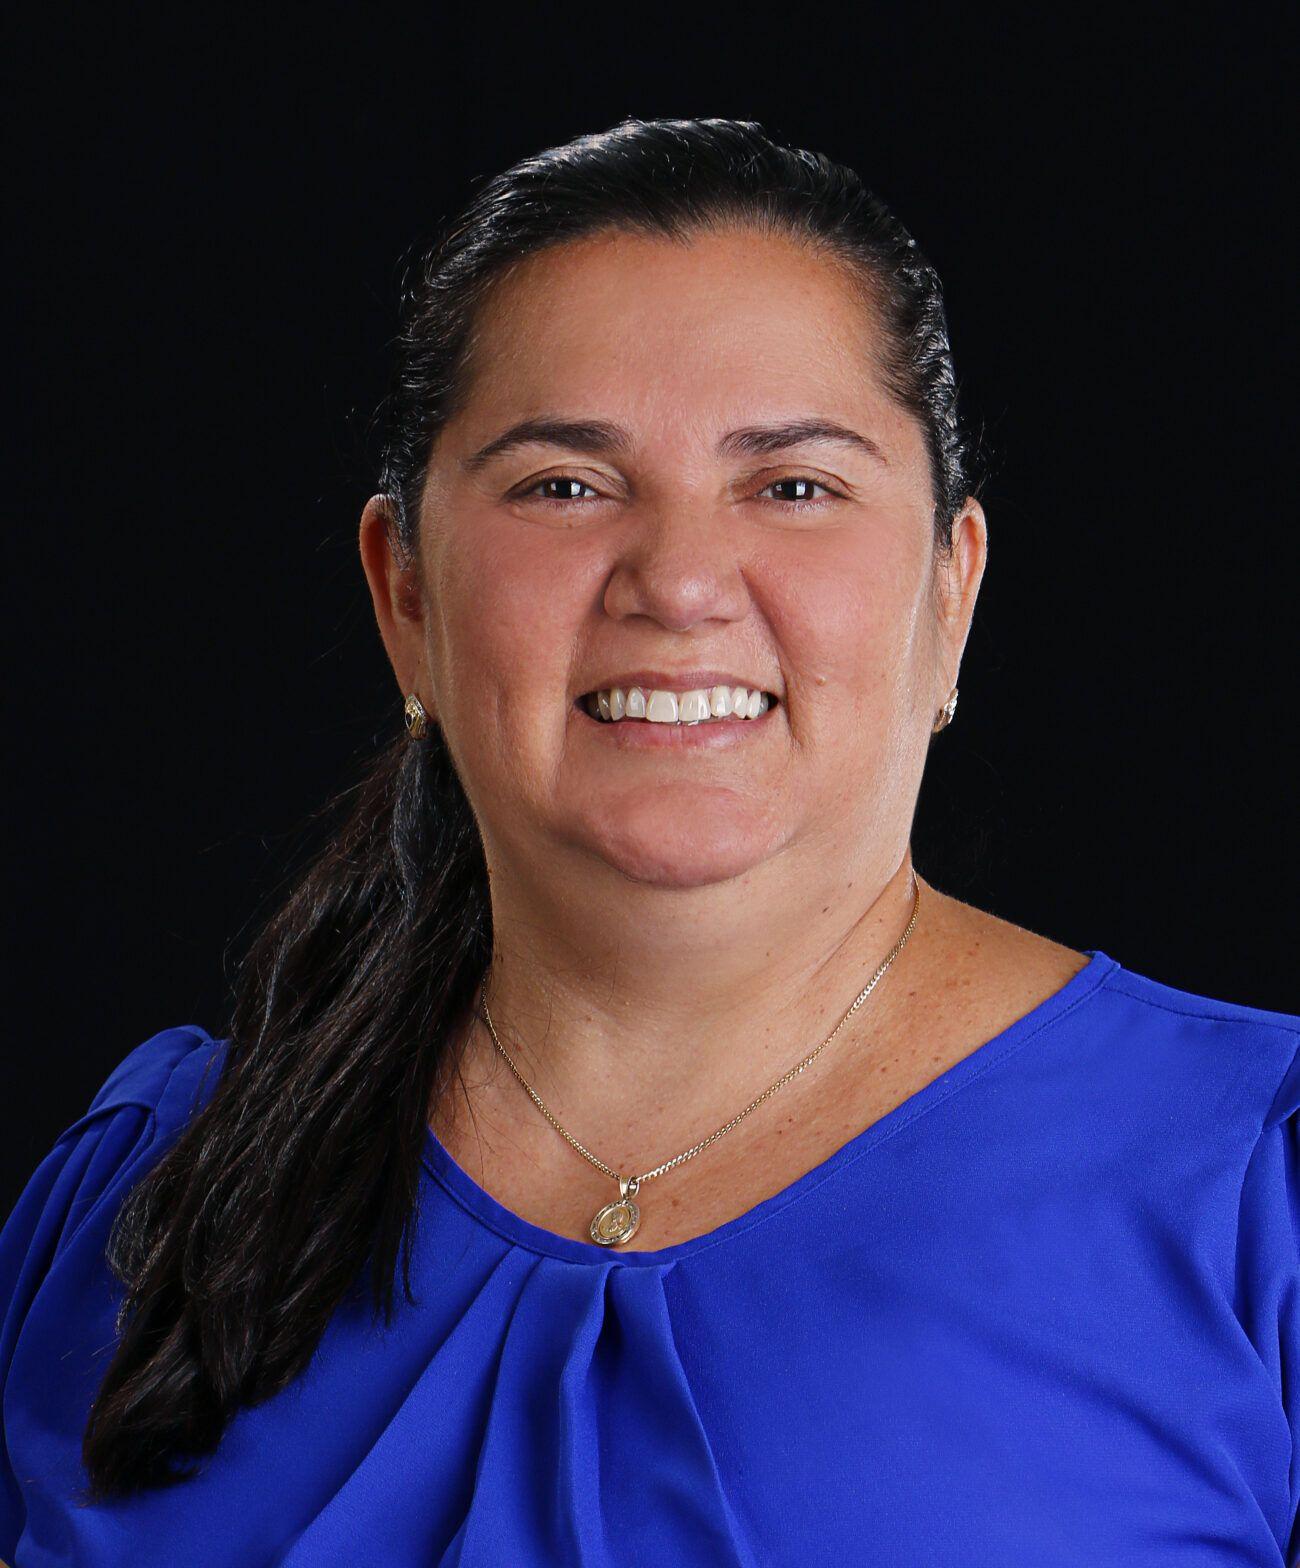 Alejandra Chaves